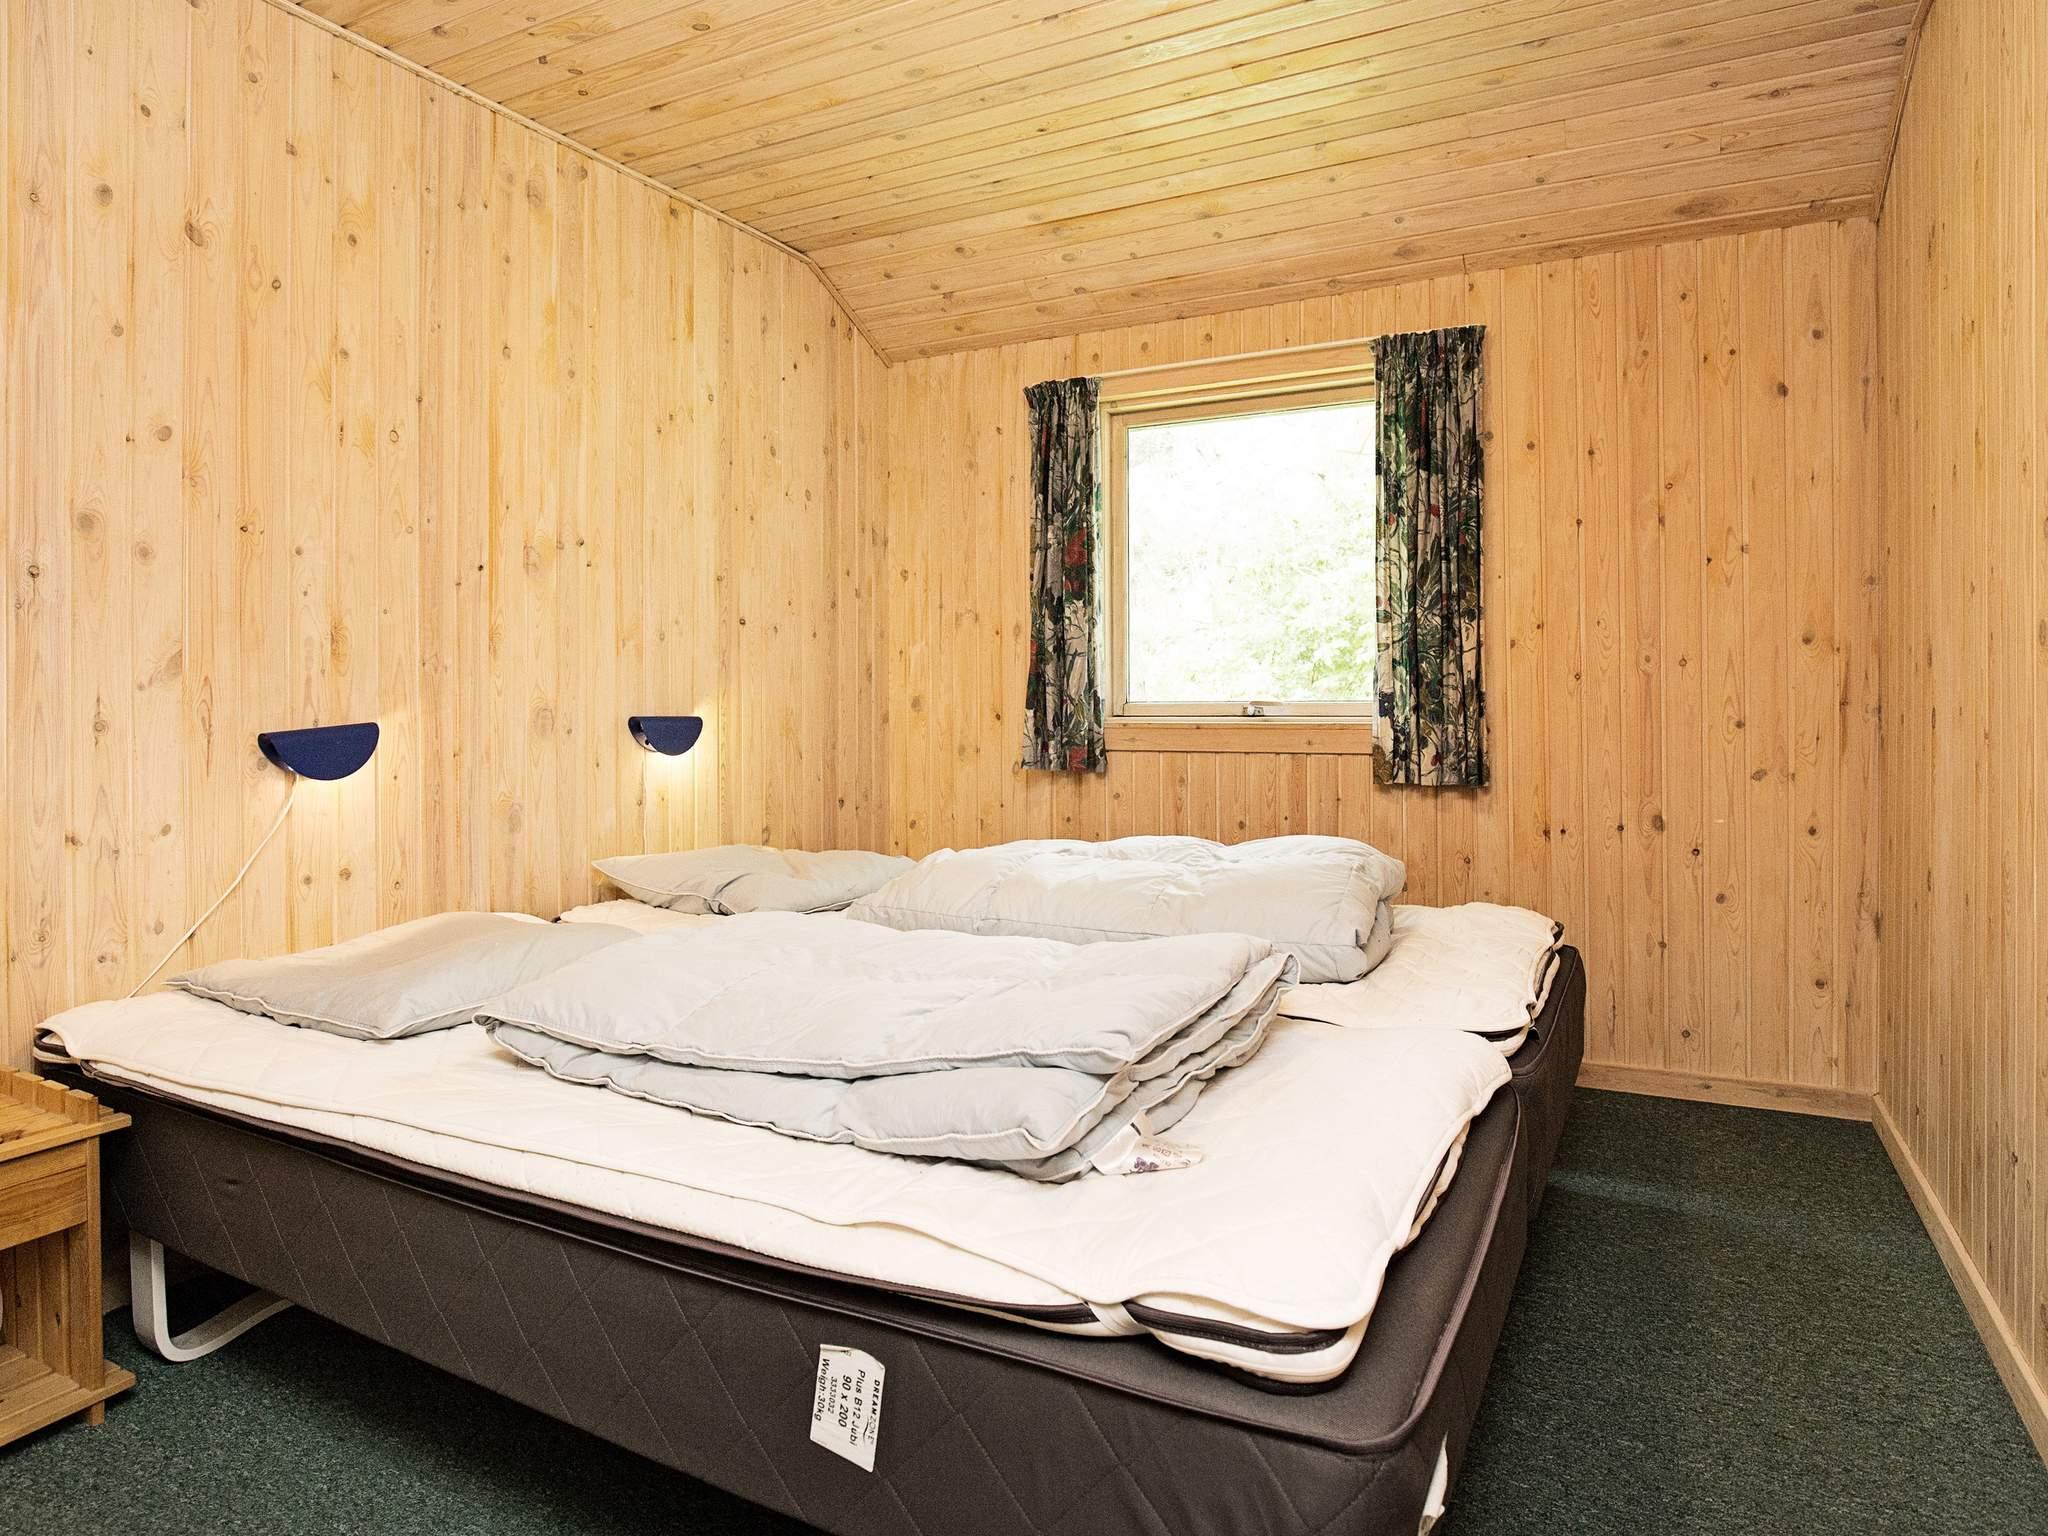 Ferienhaus Hummingen (84295), Hummingen, , Lolland, Dänemark, Bild 15